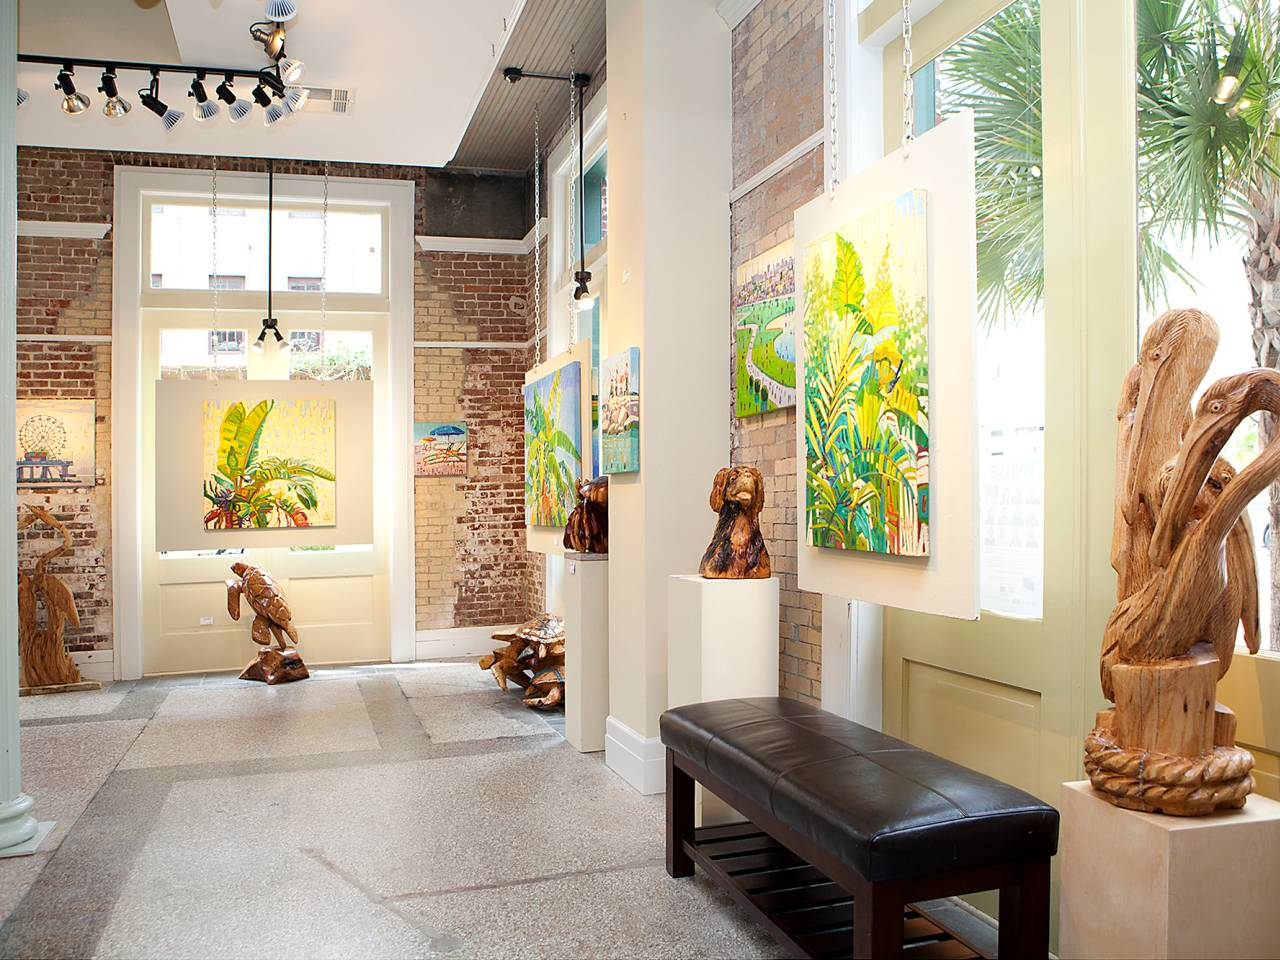 René Wiley Gallery